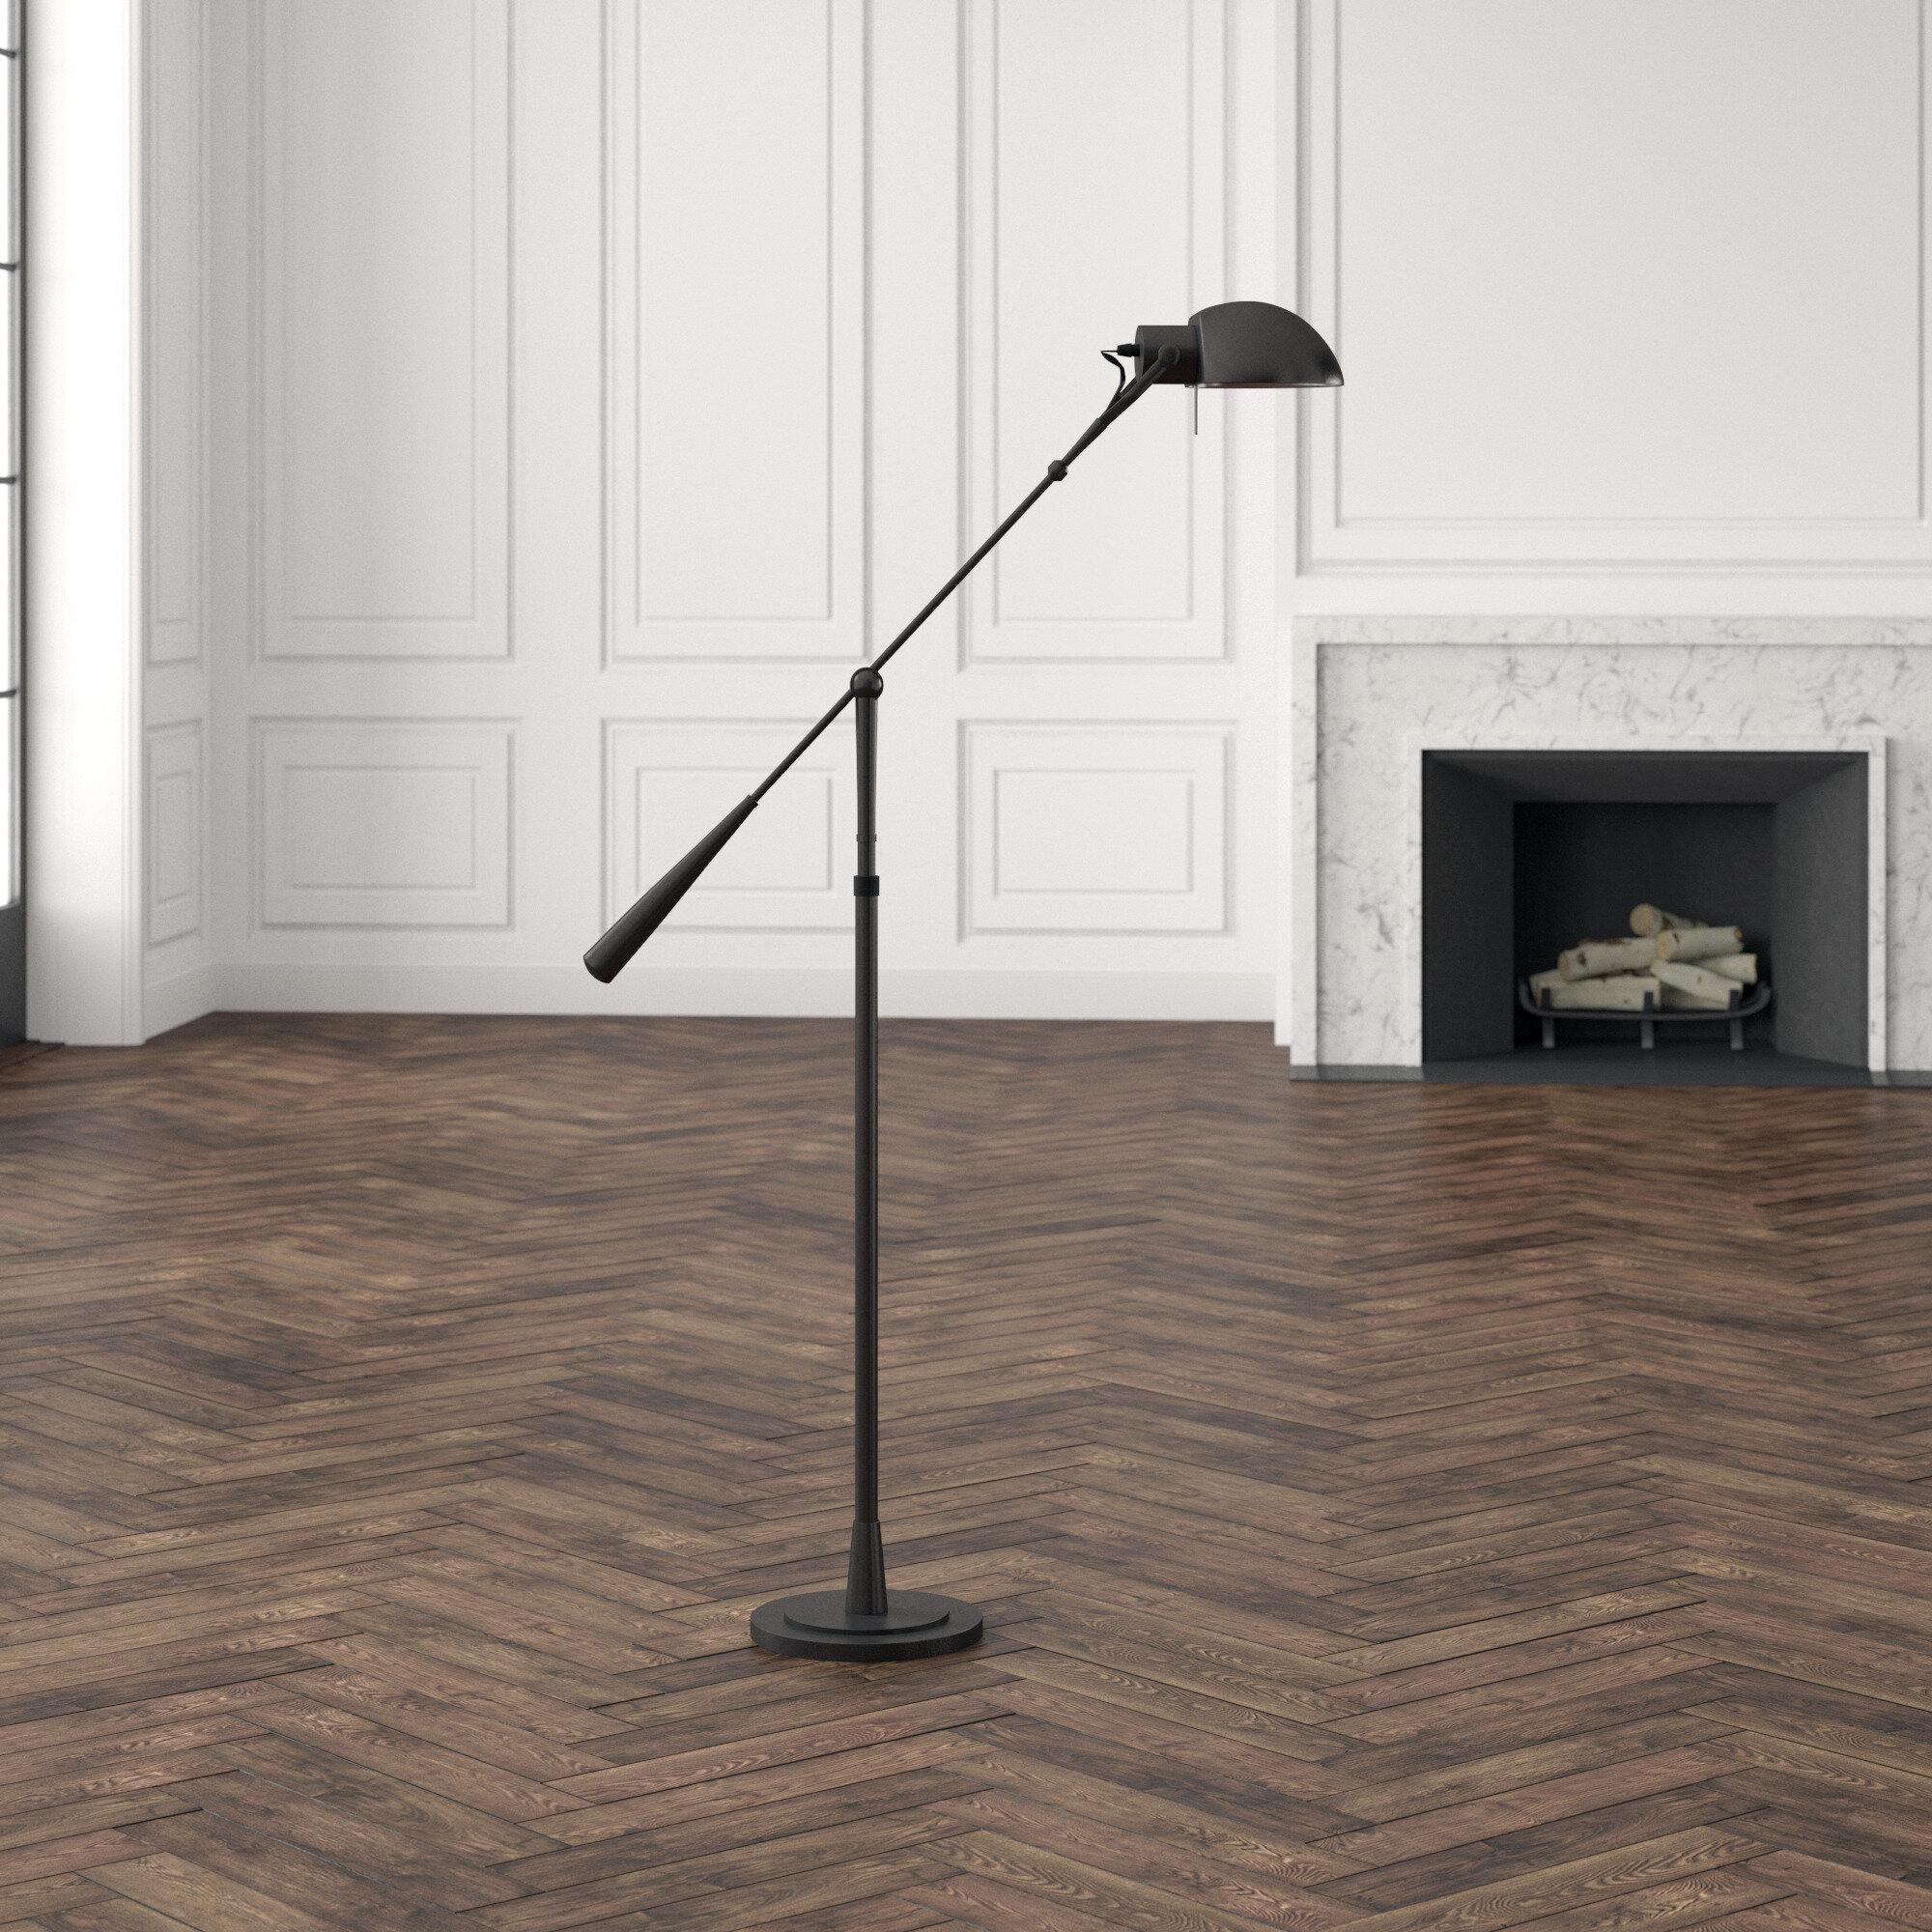 Image of: Ralph Lauren Equilibrium 1 Light Swing Arm Floor Lamp Perigold